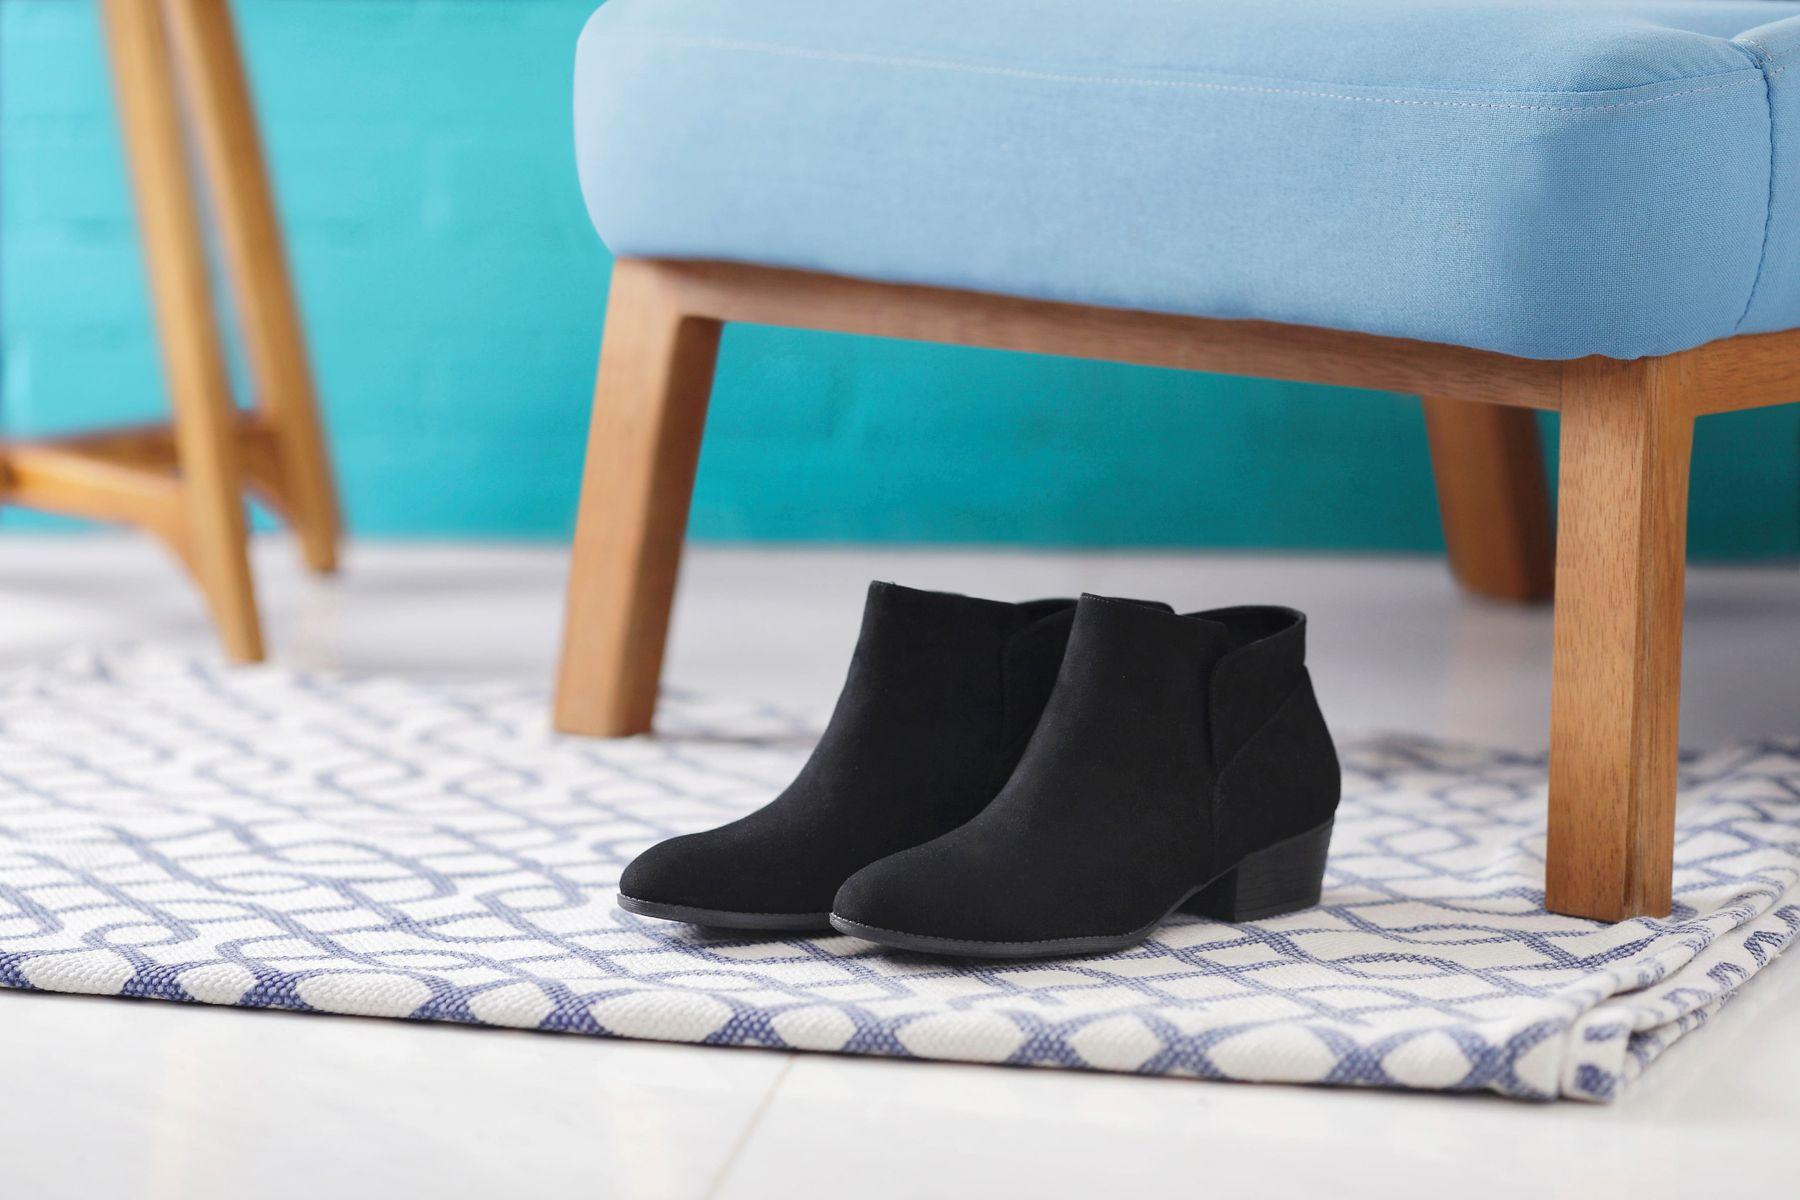 Schuh auf dem Teppich